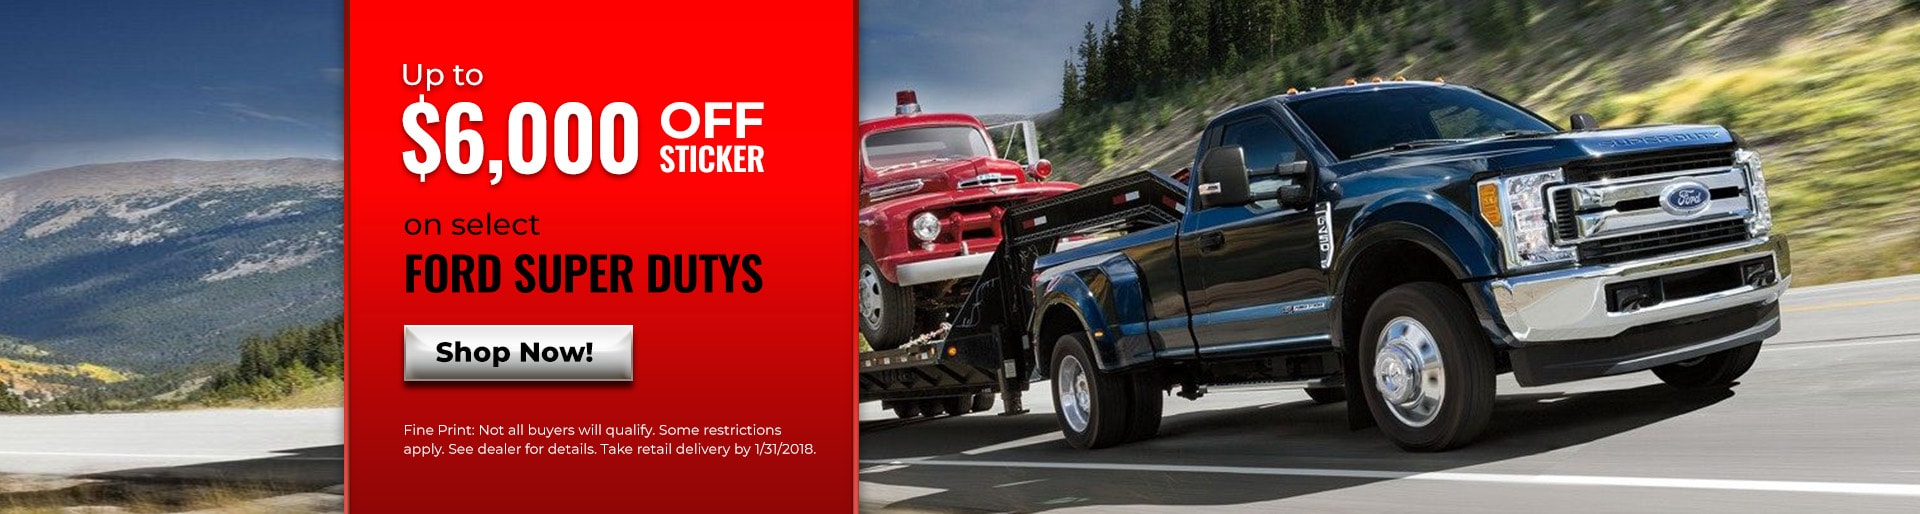 Woody Folsom Ford Baxley Ga >> Woody Folsom Ford Baxley Ga Best Car Price 2020